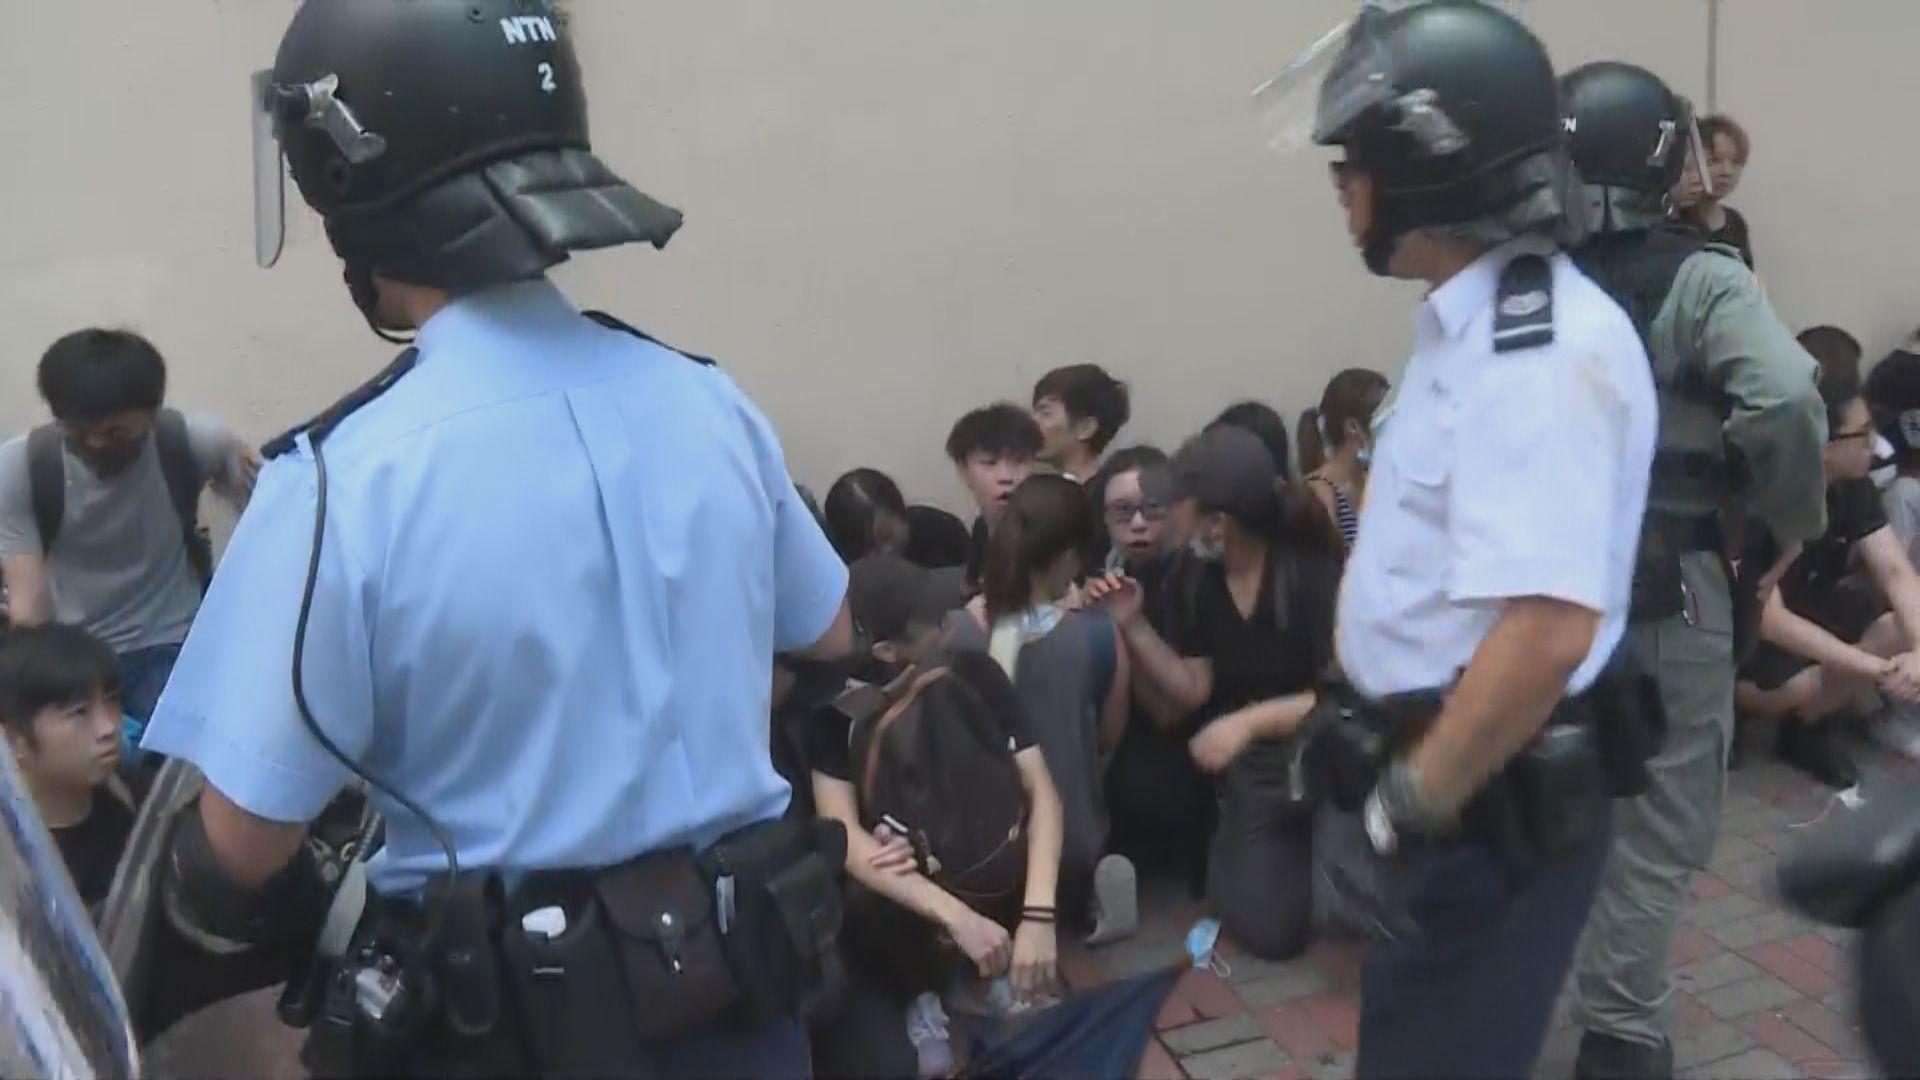 聲援被捕少女 有示威者天水圍警署外被制服